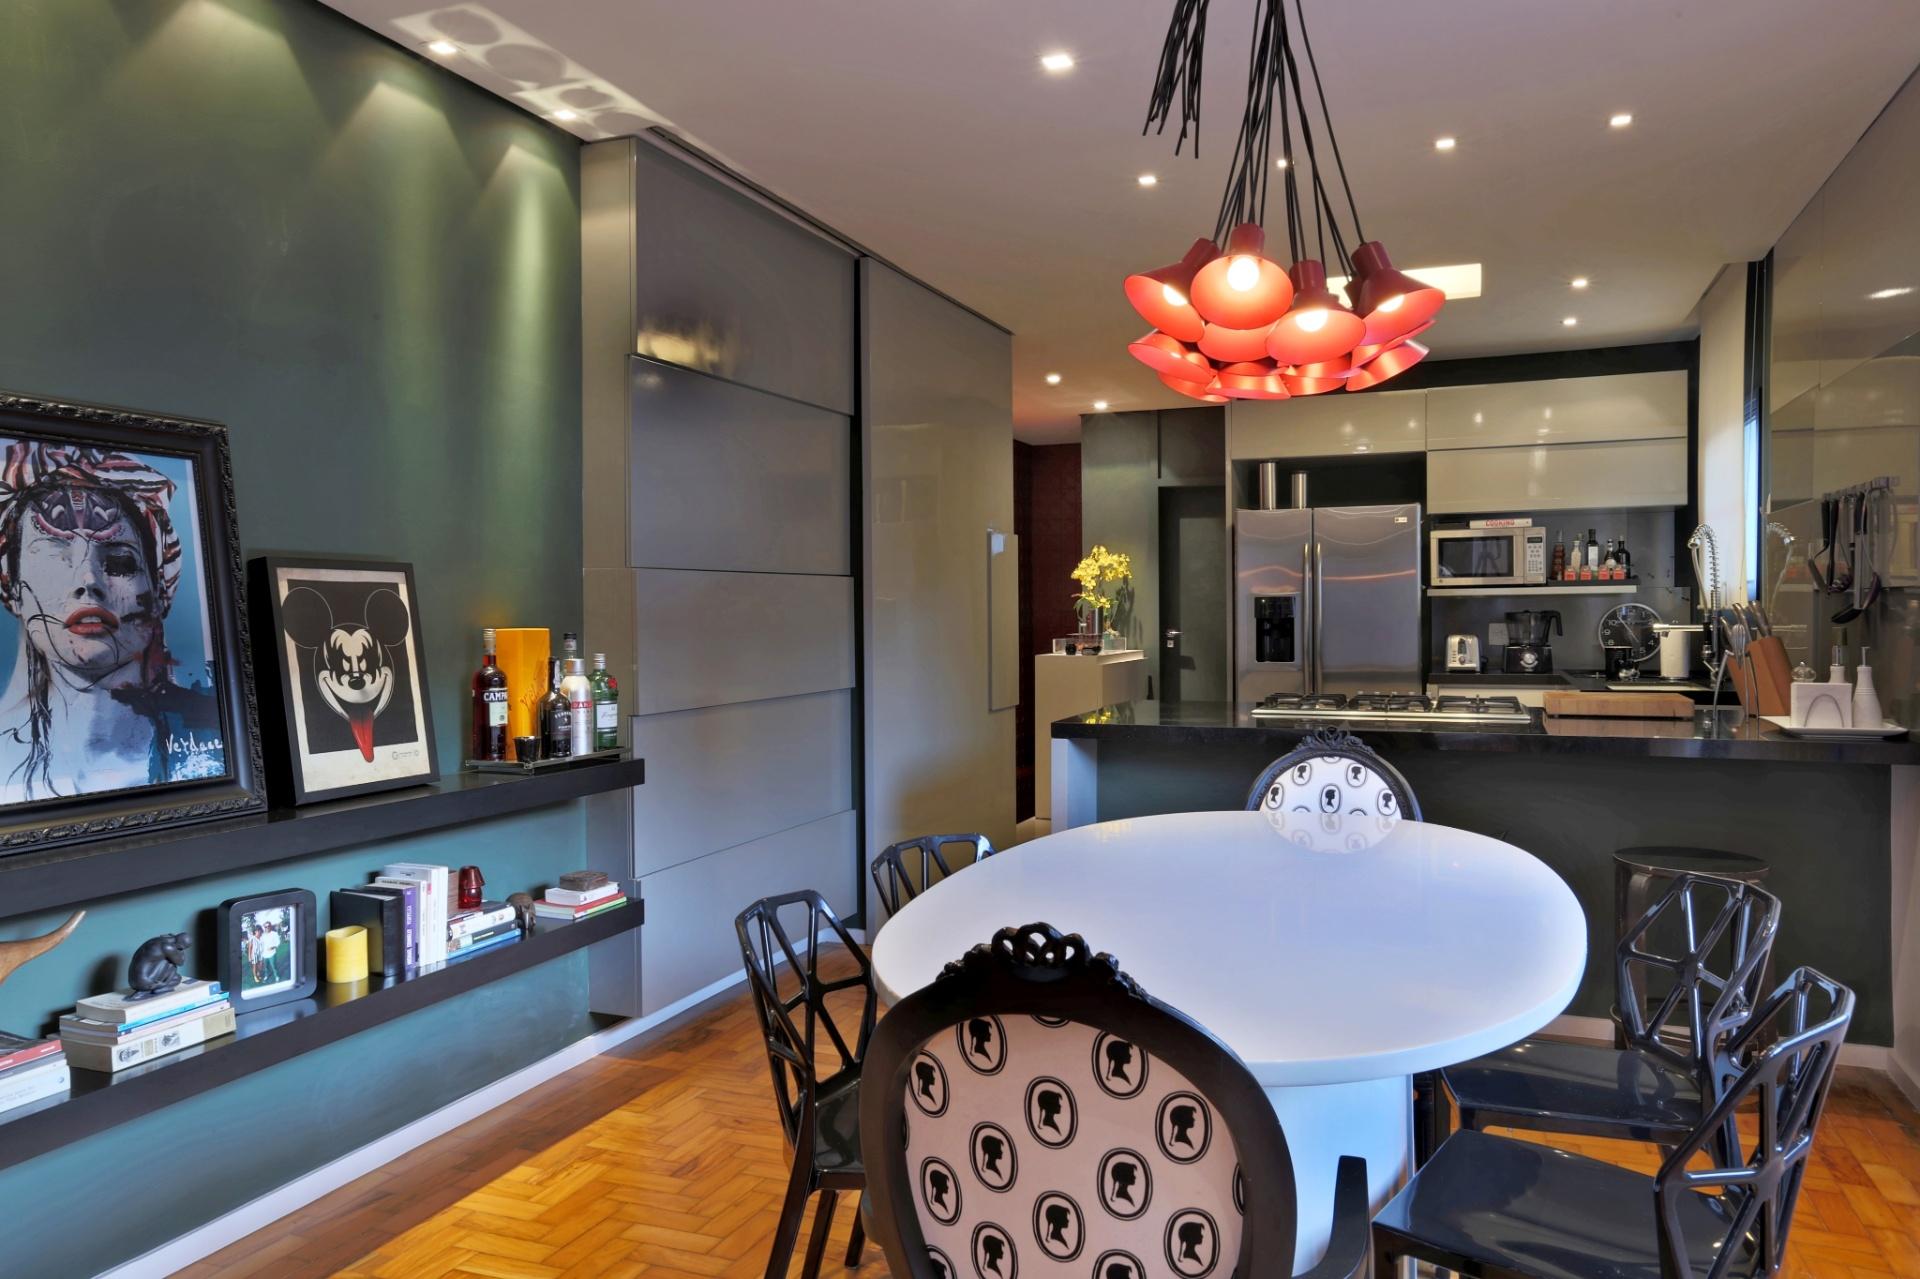 O jantar fica integrado à cozinha pela bancada de granito preto São Gabriel, que embute o cooktop. A parede com acabamento em tinta lousa verde (à esq.) é decorada com os quadros da Urban Arts. A casa Sumaré foi reformada pela arquiteta Renata Popolo e fica em São Paulo